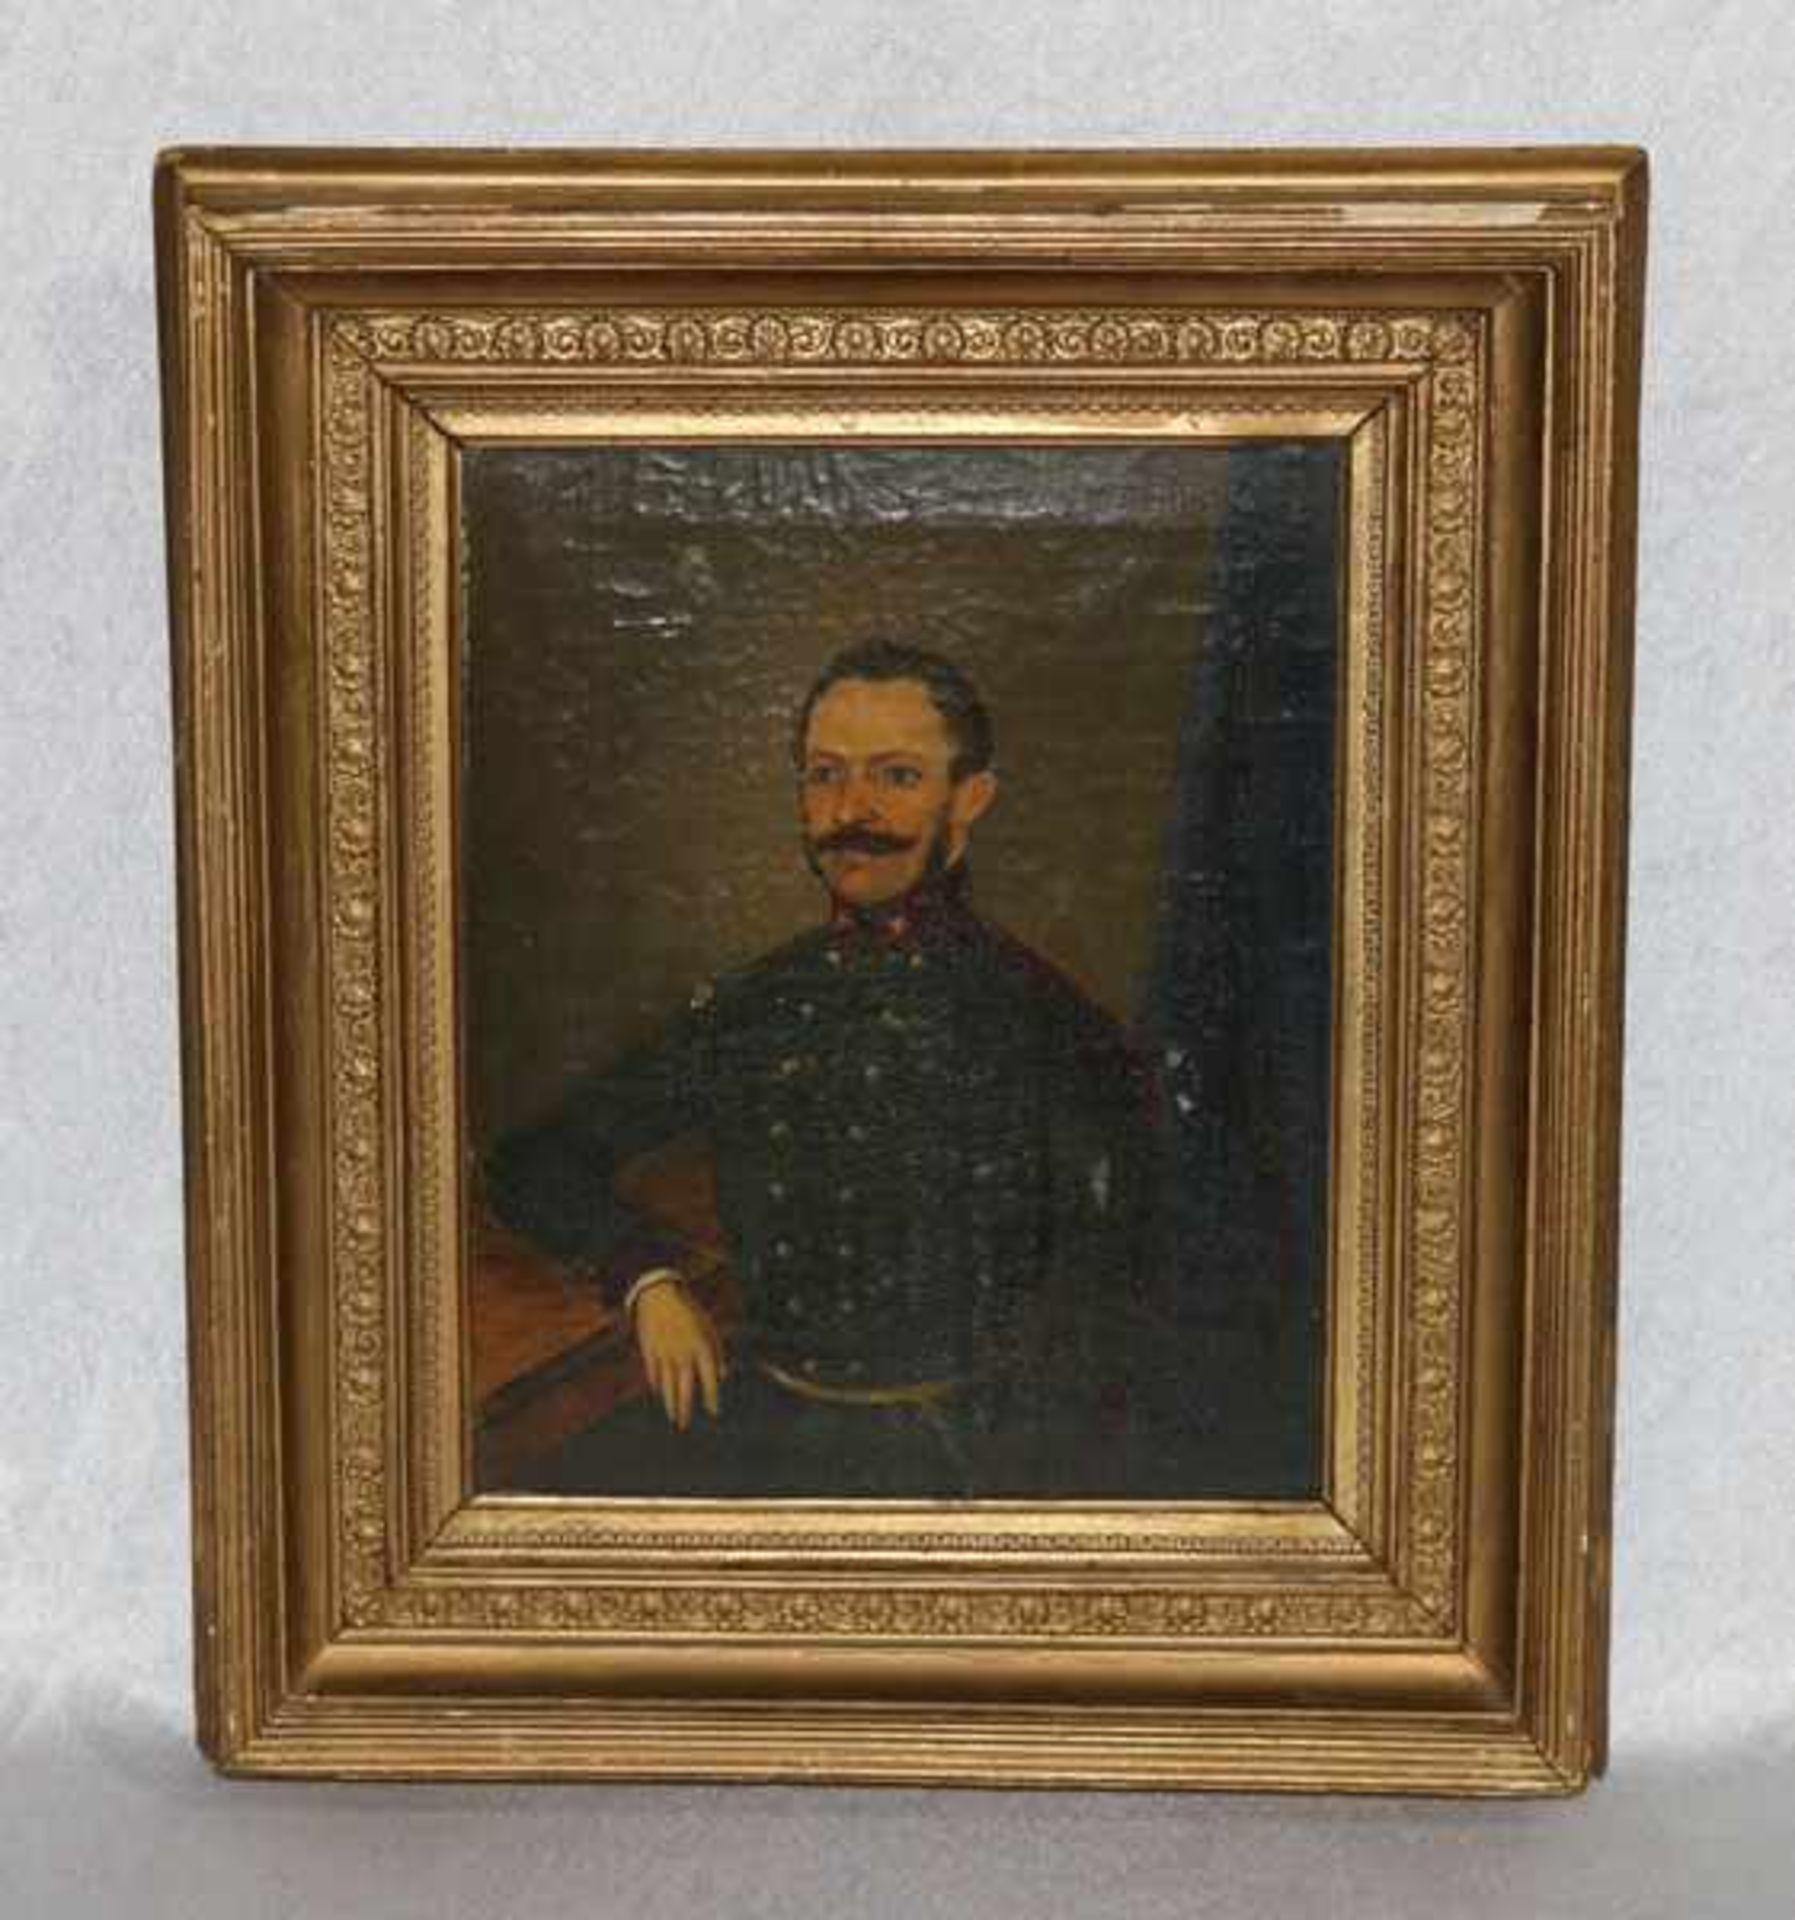 Los 165 - Gemälde ÖL/LW 'Bildnis eines Offiziers', LW beschädigt und Farbablösungen, gerahmt, Rahmen